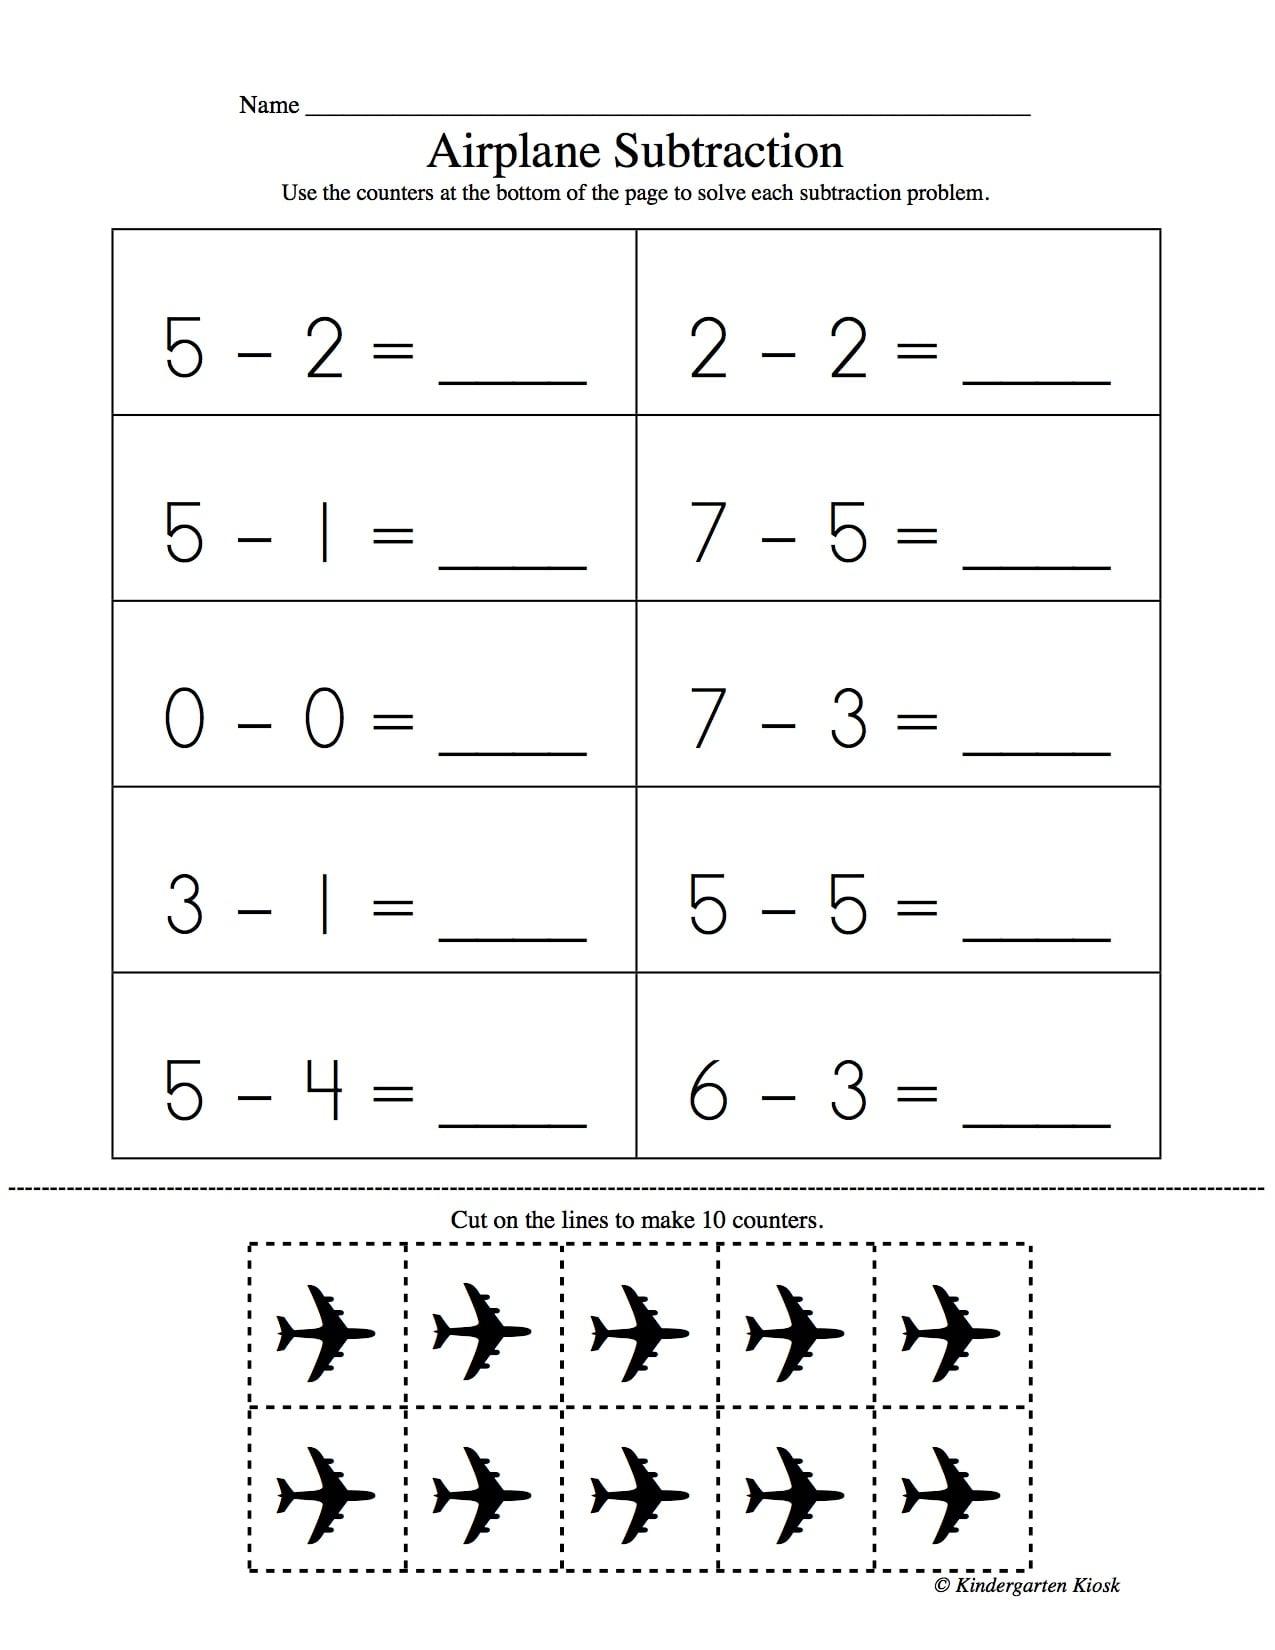 Subtraction Worksheets for Kindergarten — Kindergarten Kiosk [ 1650 x 1275 Pixel ]